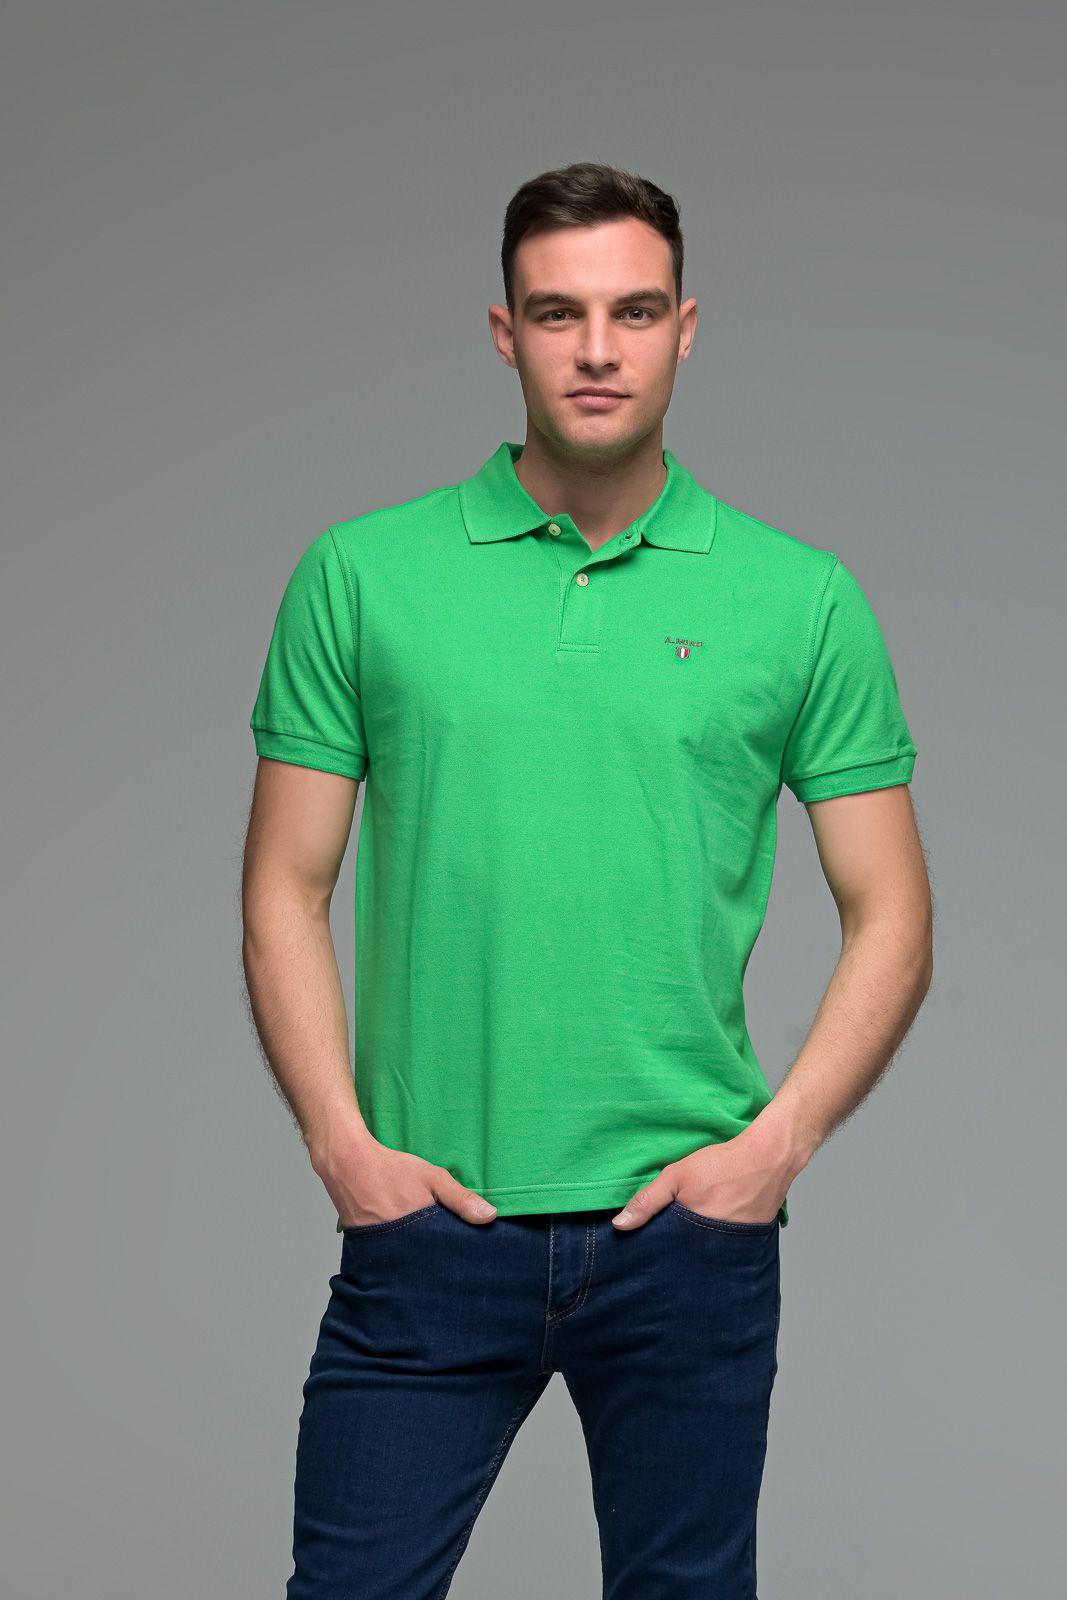 Μονόχρωμο Ανδρικό Πόλο Μπλουζάκι Πράσινο Basic Collection- Slim Fit